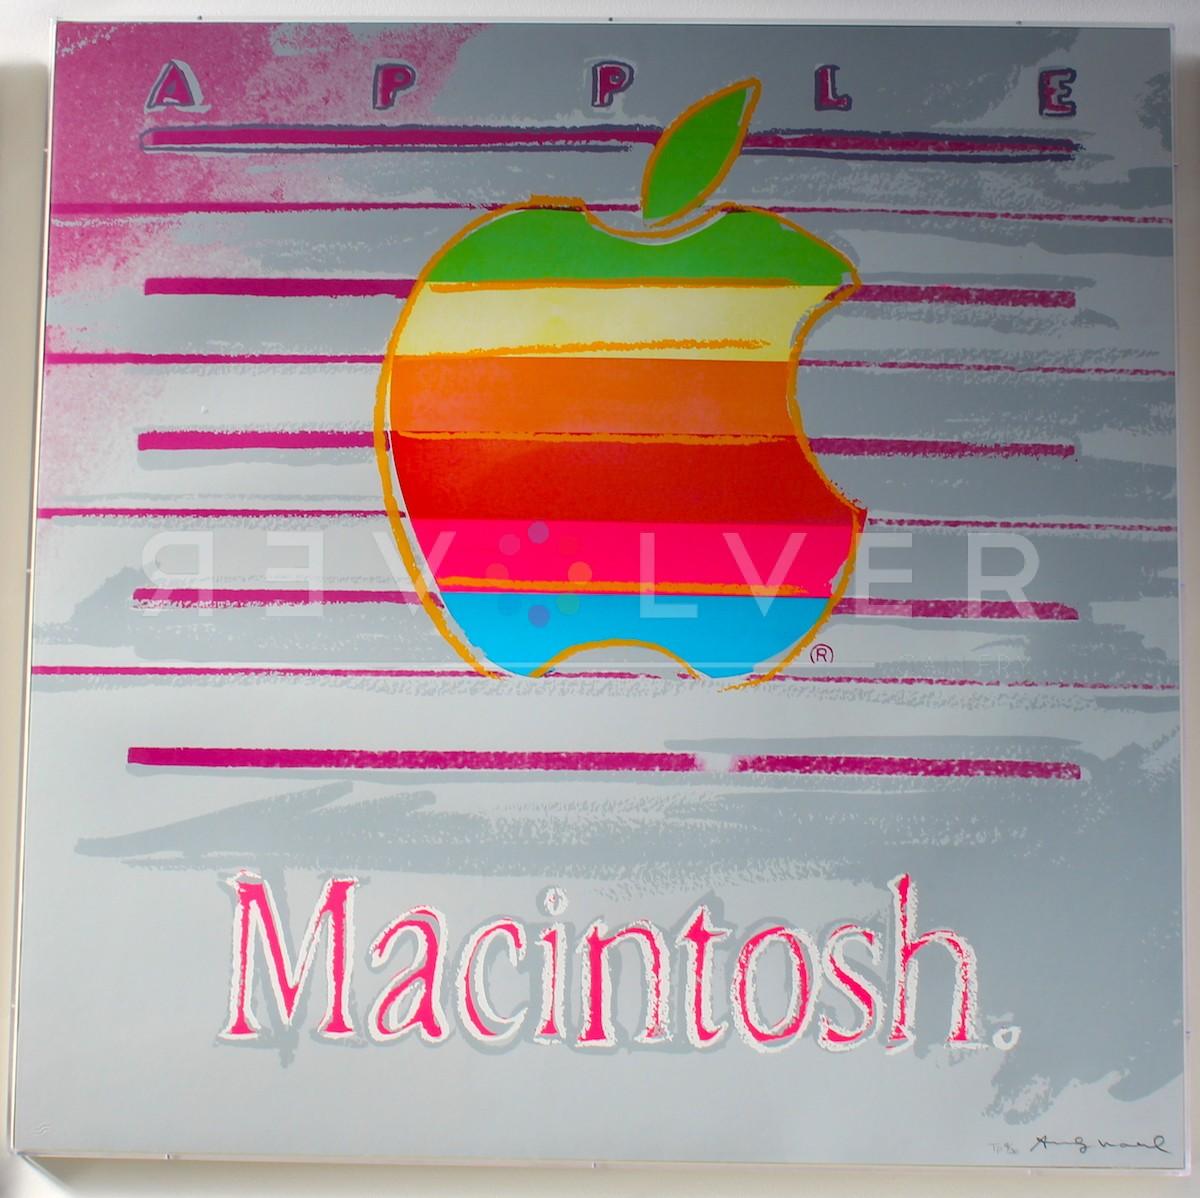 Andy Warhol - Apple F.S. II 359 TP